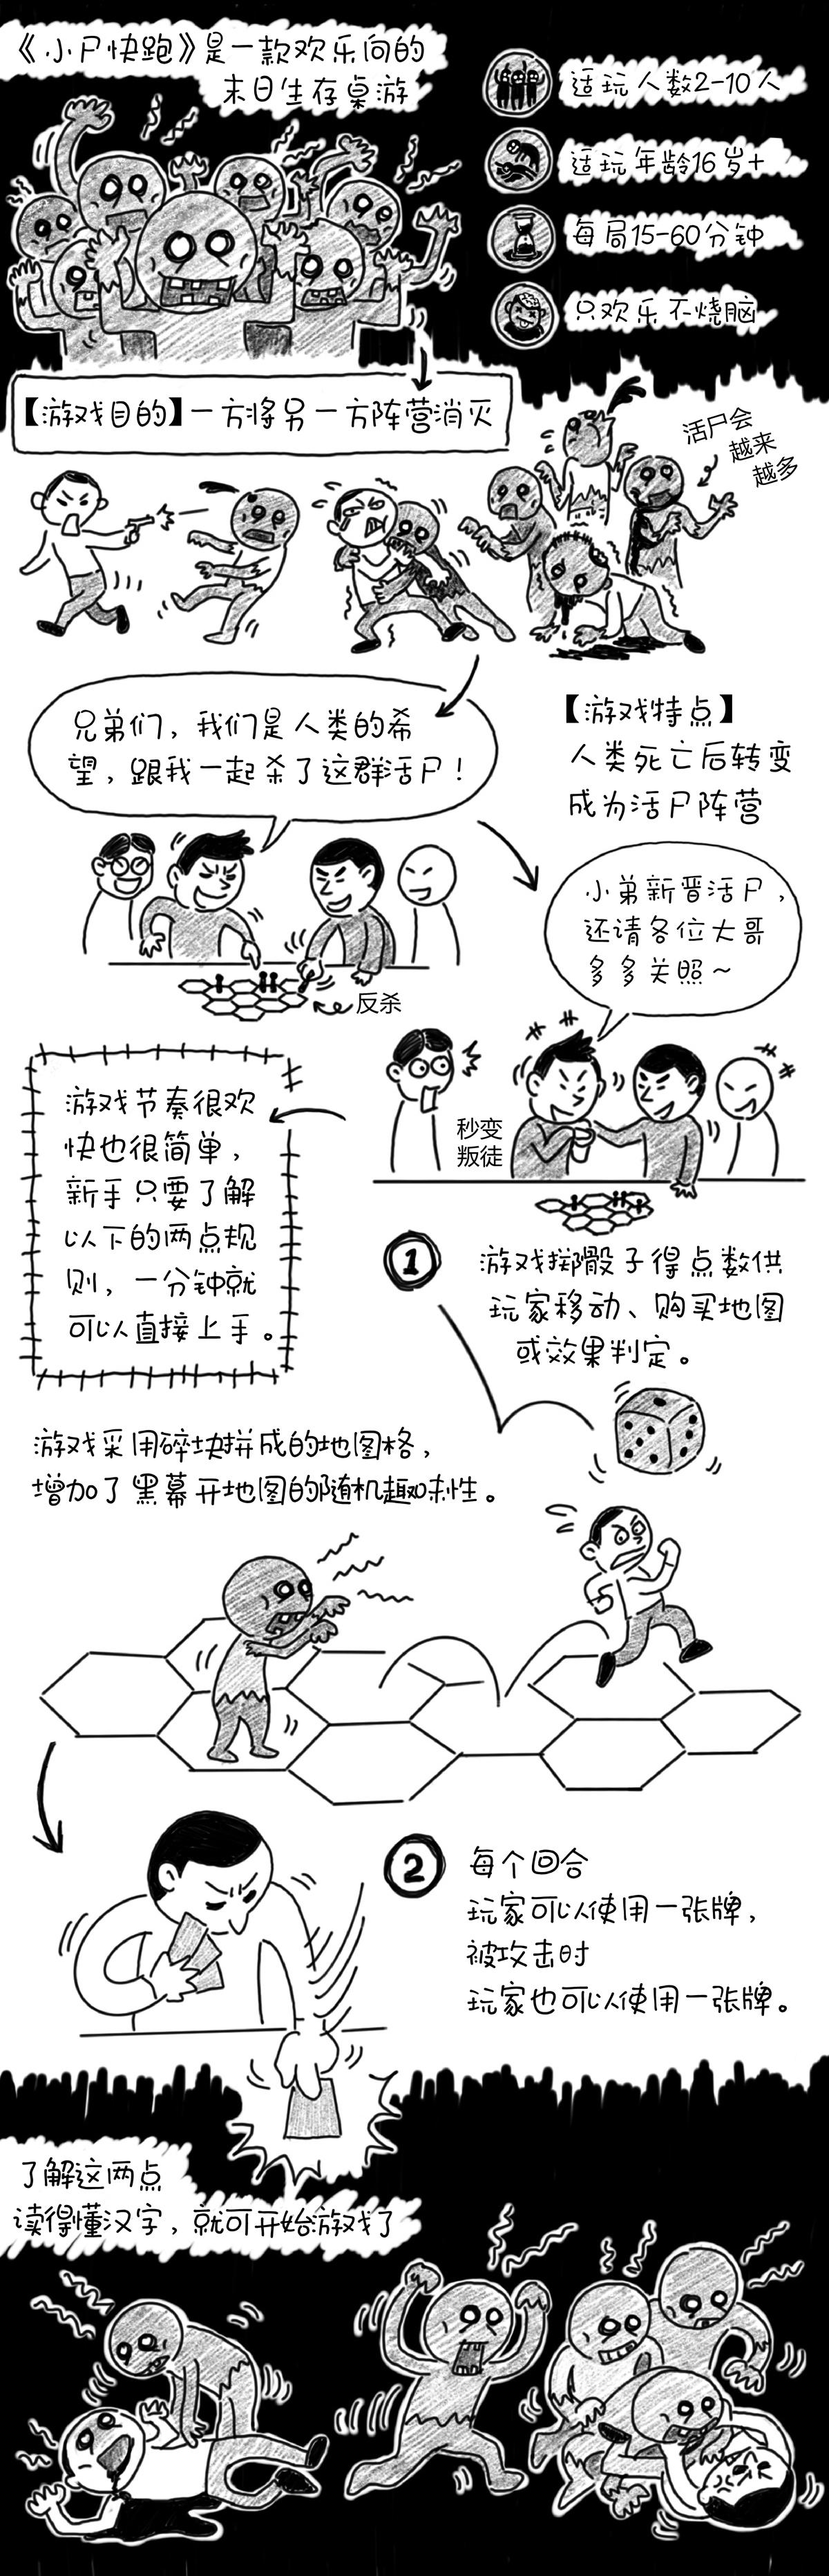 网页003-06.jpg